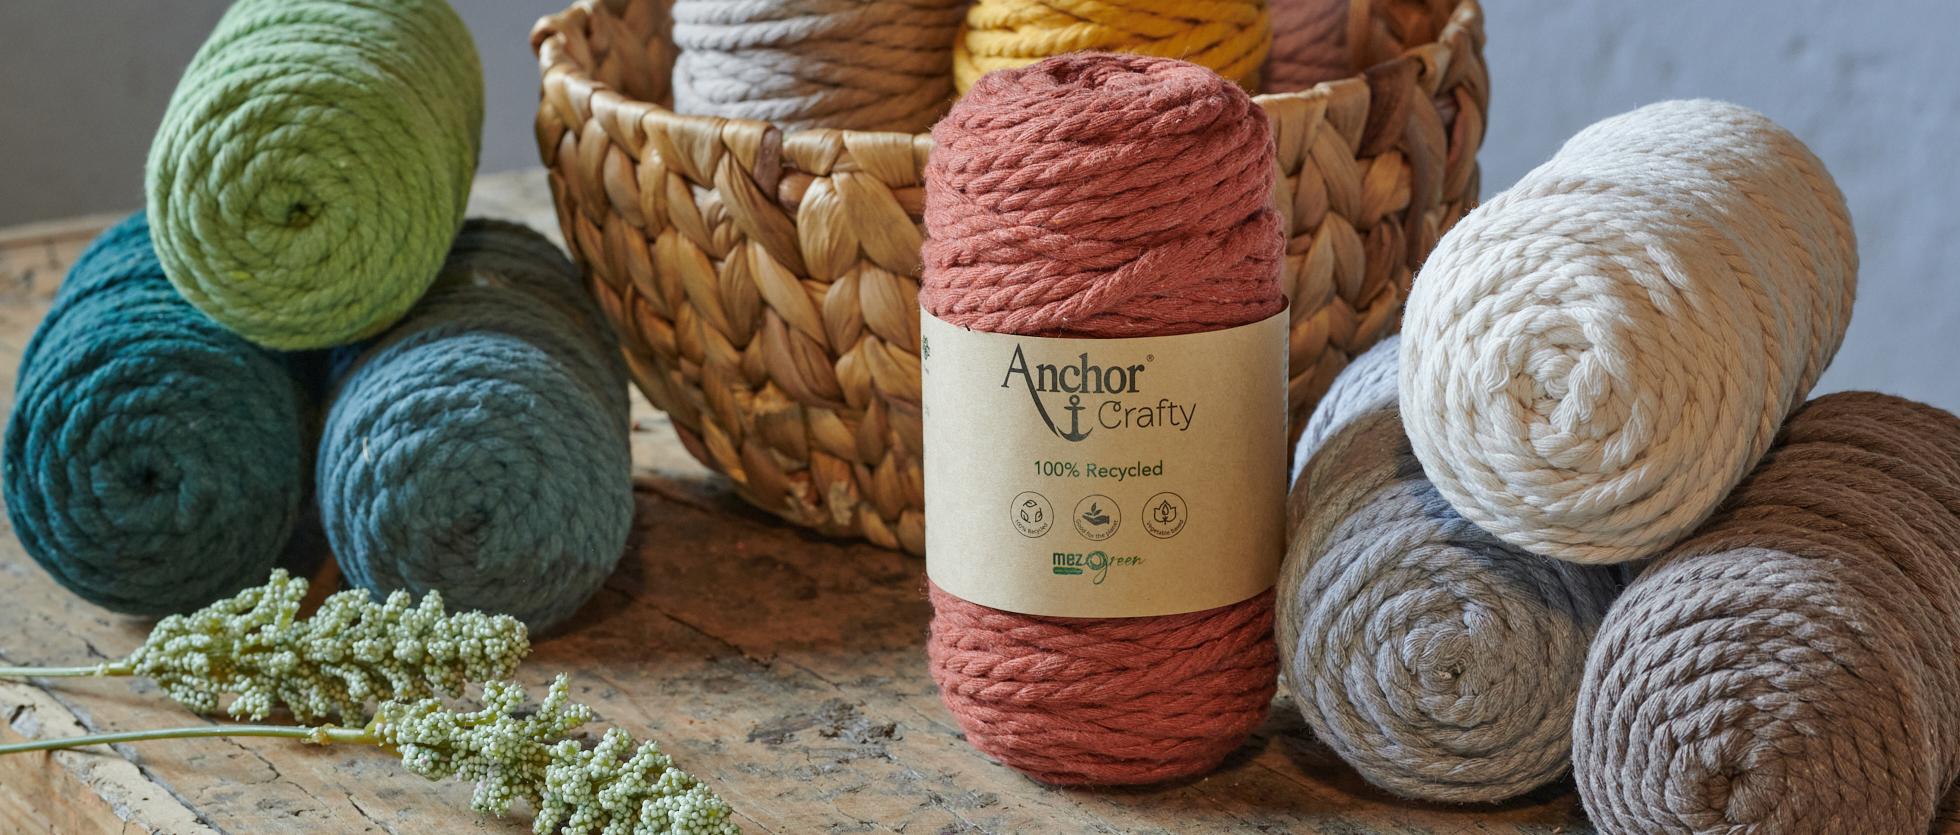 Anchor Crafty Macrame Yarn